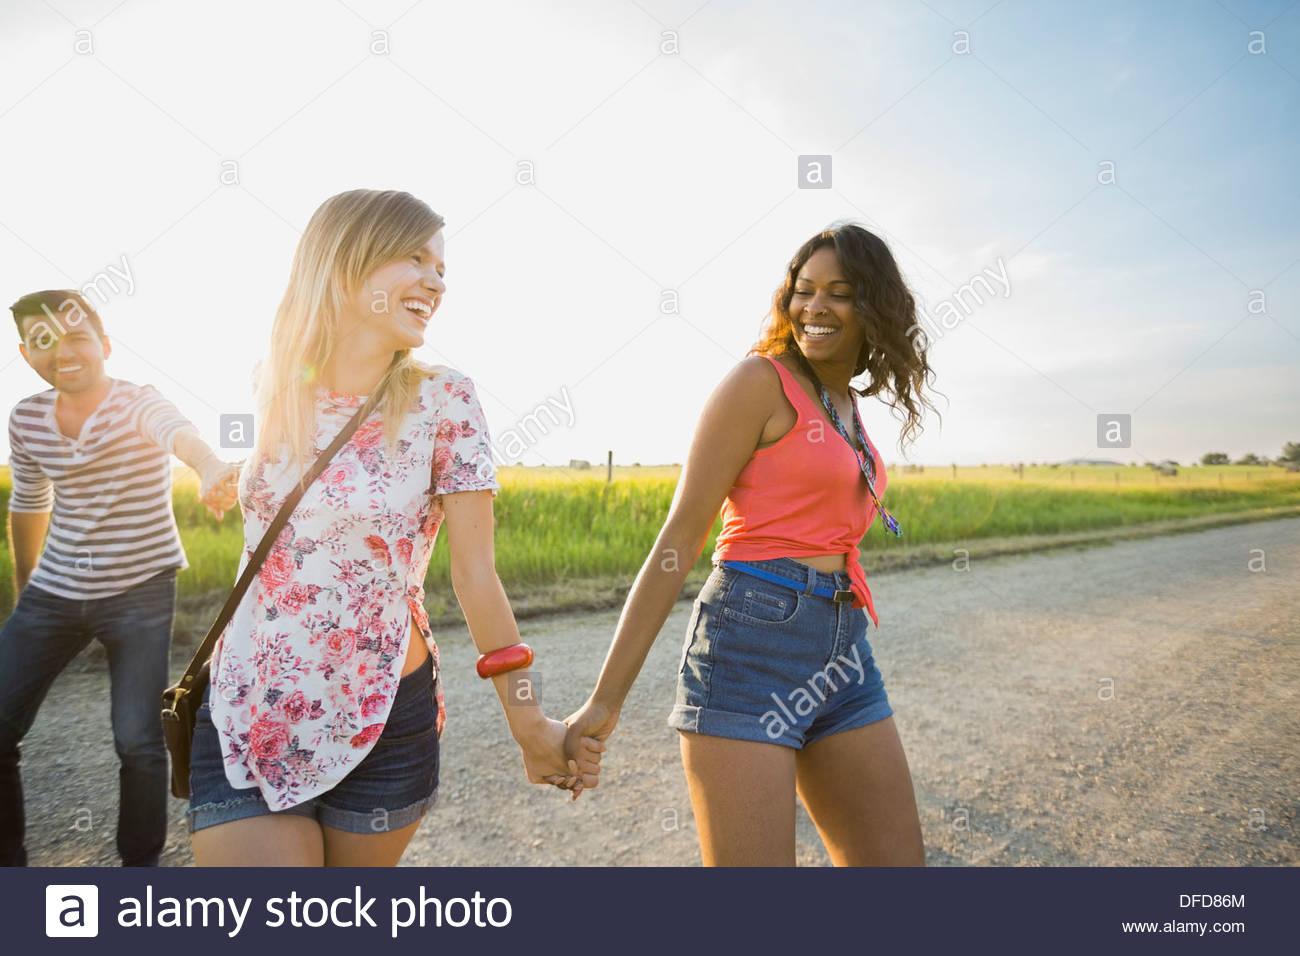 Gli amici passeggiando per le strade di campagna tenendo le mani Immagini Stock